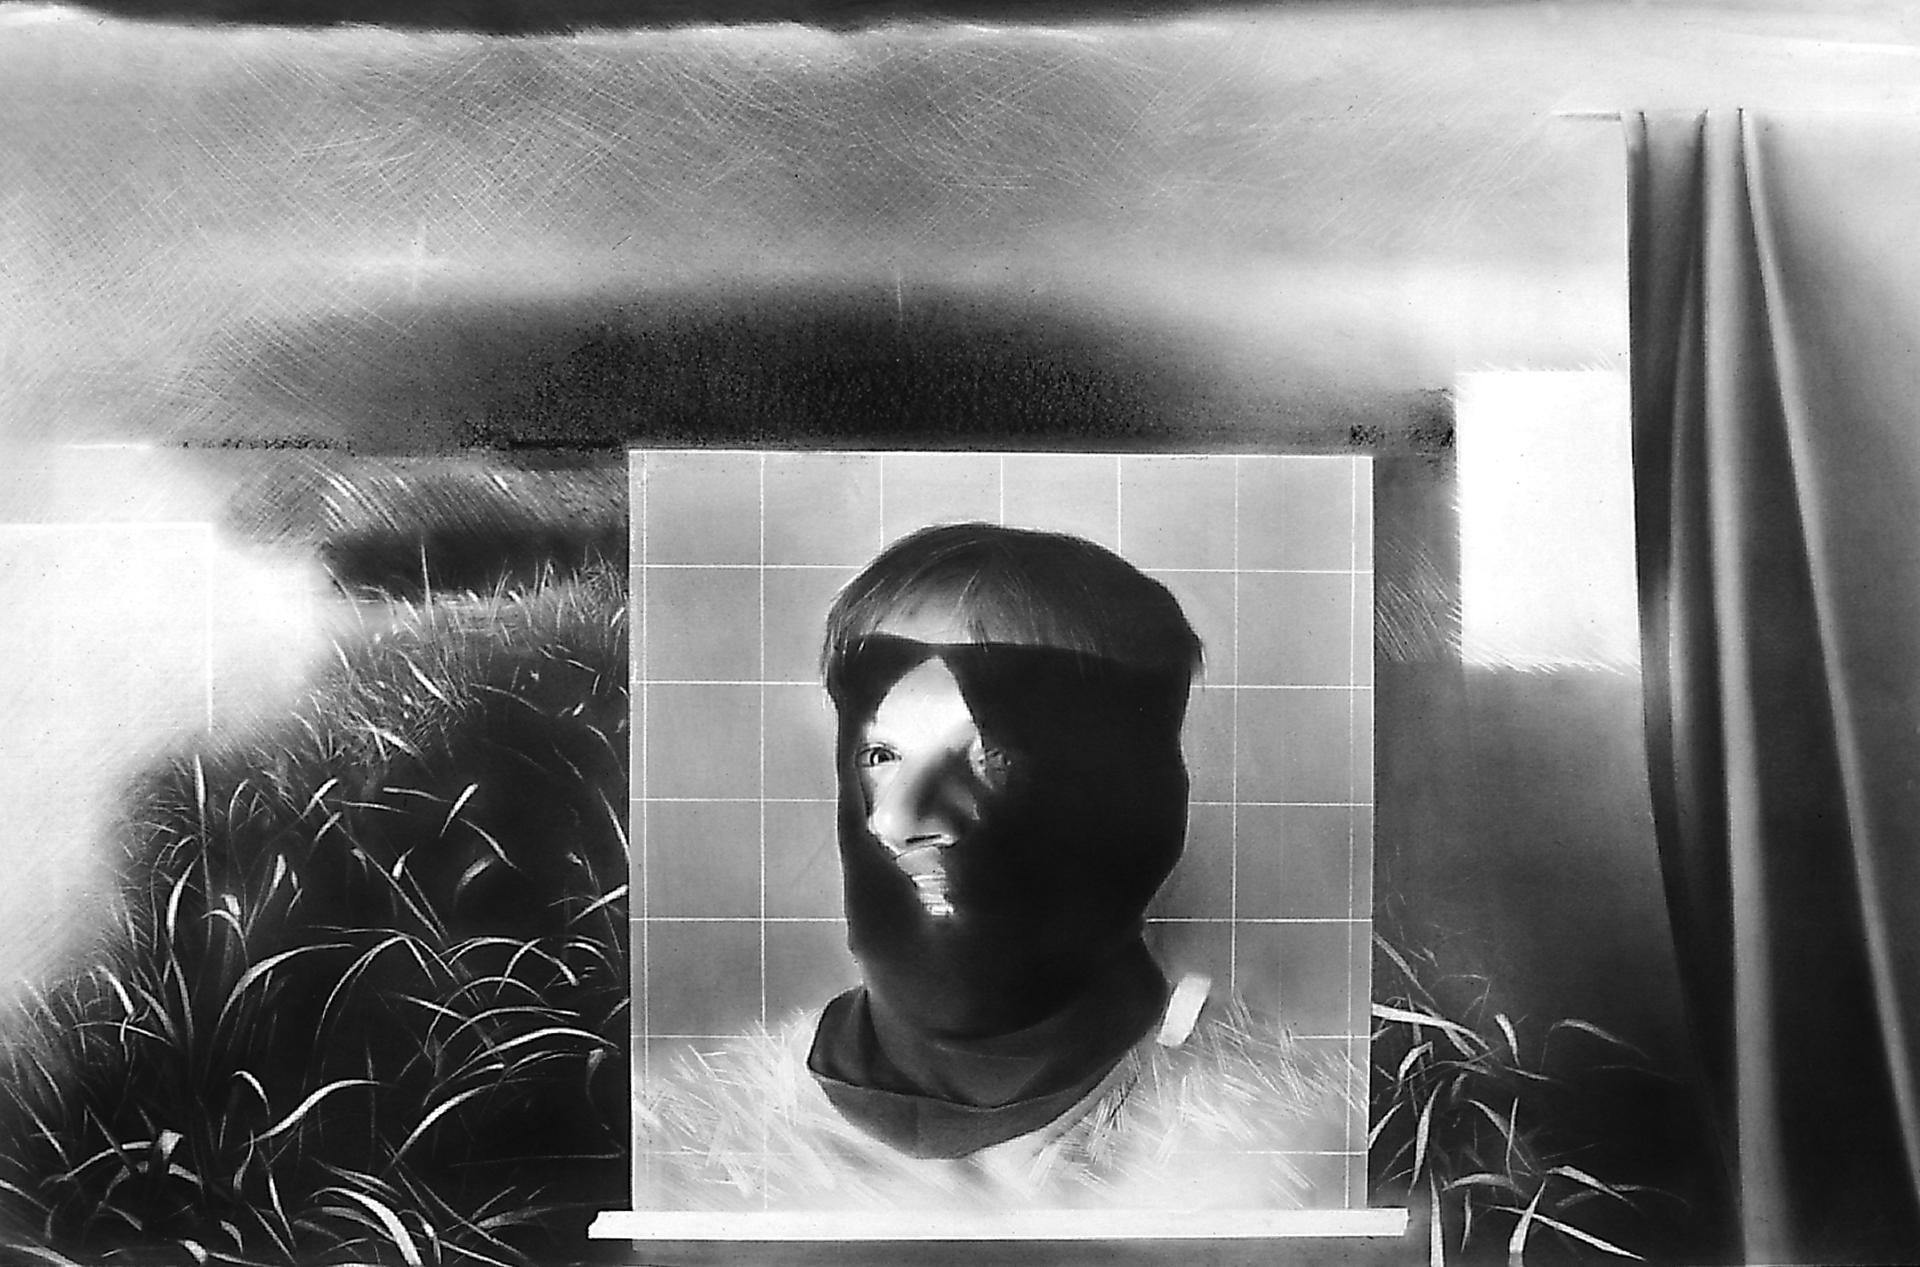 """Ilustracja przedstawia czarno - białą grafikę Jędrzeja Gołasia """"Tajemnica"""". Praca ukazuje mężczyznę wczarnej kominiarce. Postać ma częściowo odkrytą twarz ijest ukazana na tle kwadratu zbiałą siatką. Fragment tułowia wypełniony jest białymi kreskami, przypominającymi trawę. Po prawej stronie rozwieszona jest kotara. Tło wypełnia krajobraz ztrawą."""